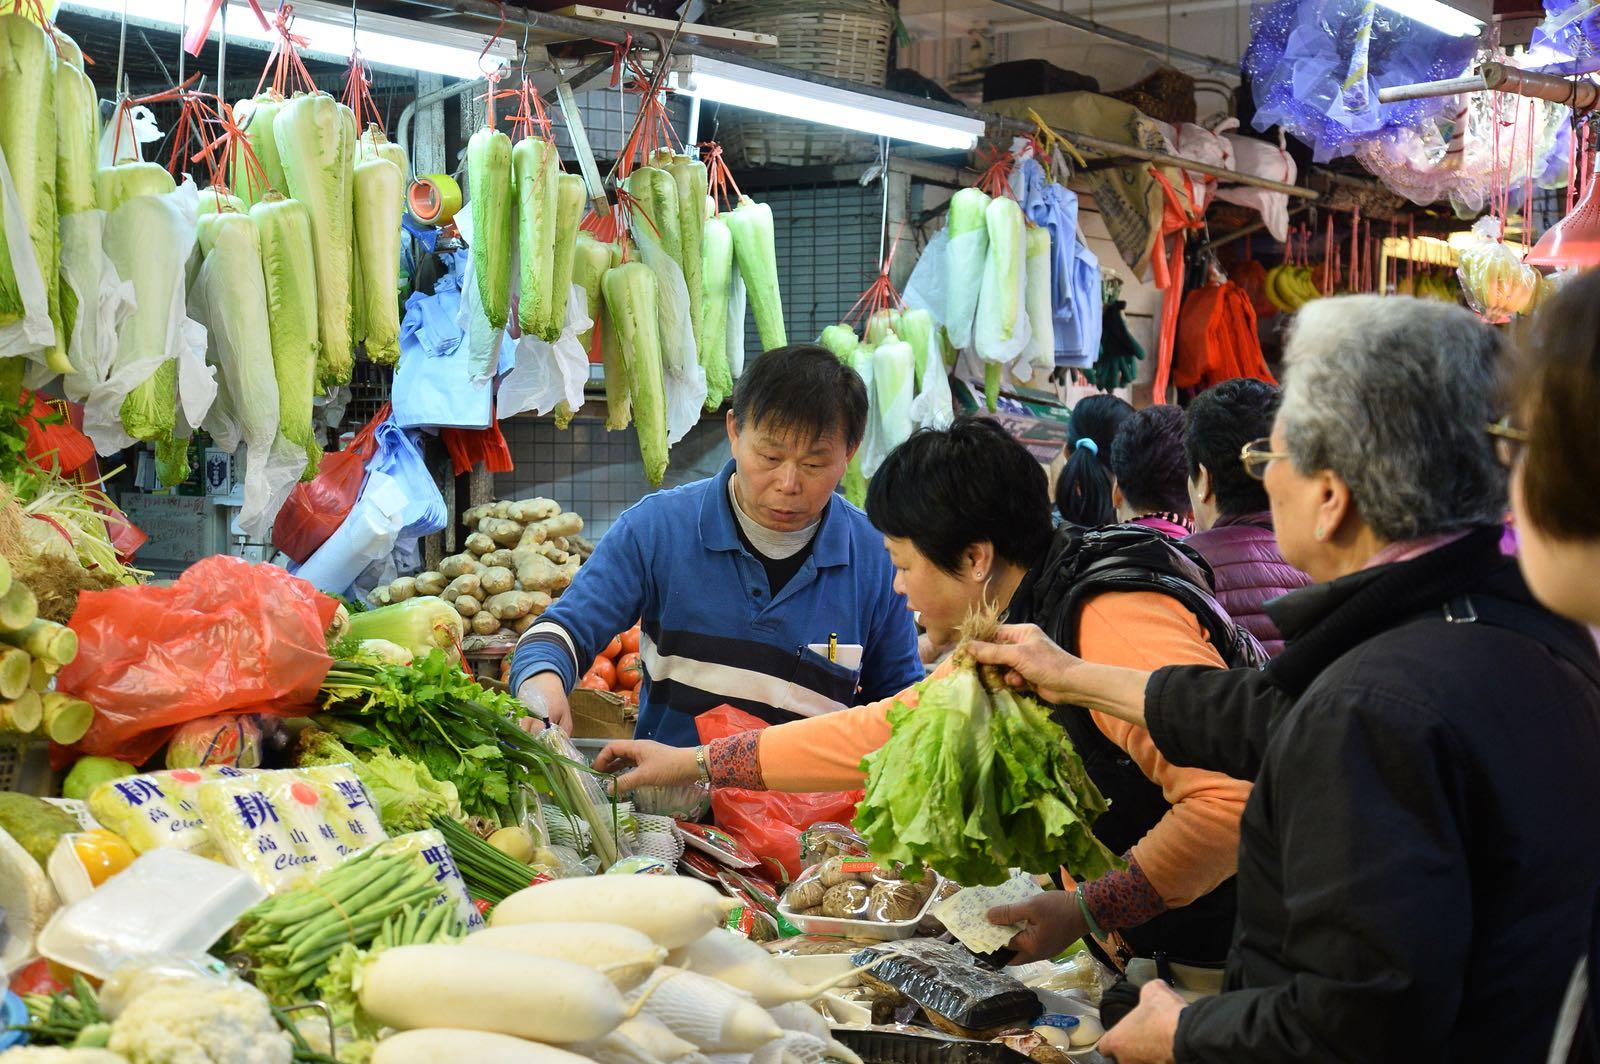 菜販指受內地不穩定天氣影響,售價會隨來貨價上升而加價。